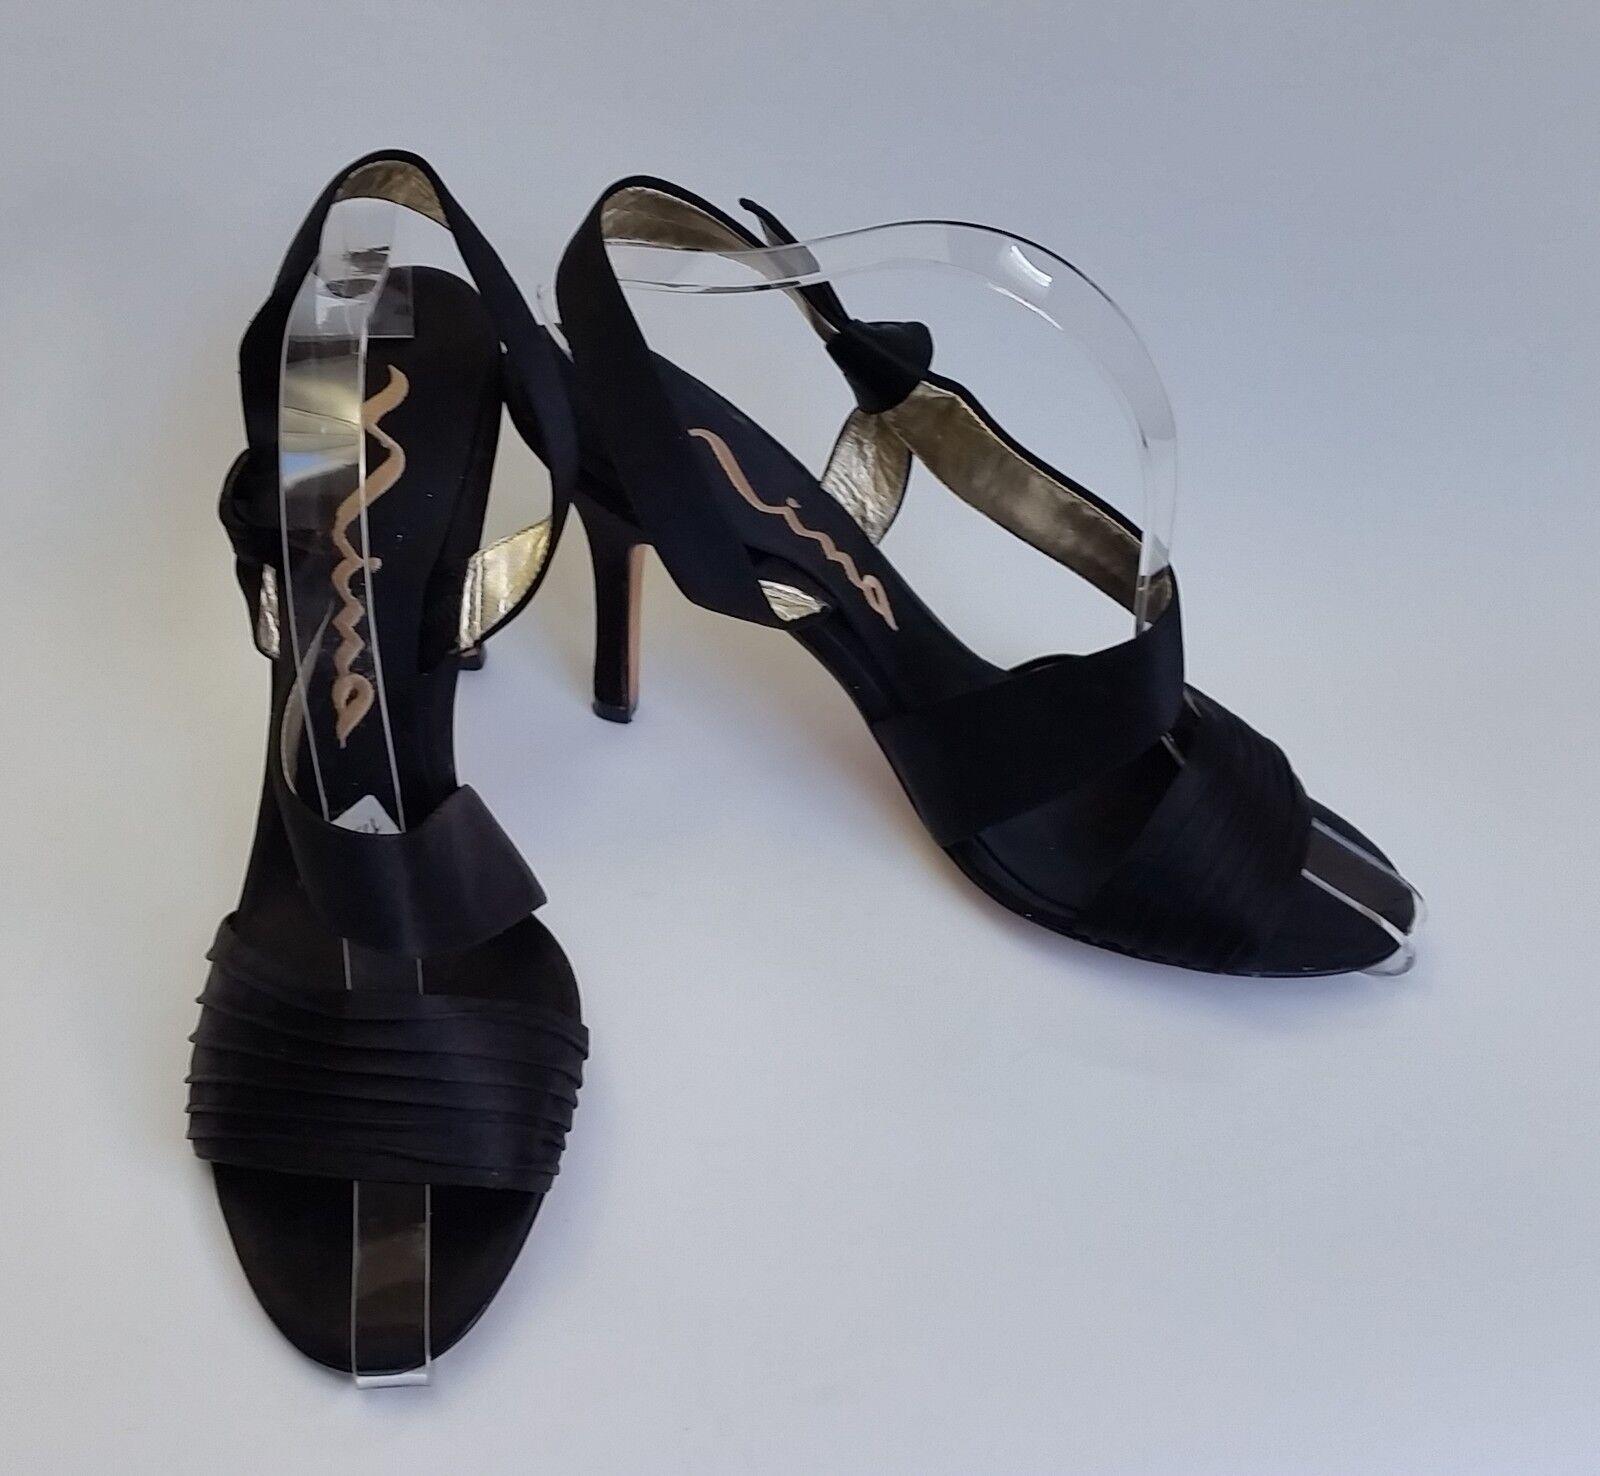 forma unica Nina scarpe Heels nero Sandals Sandals Sandals Fabric Strappy Dressy donna Dimensione 9.5 M EU 39.5  consegna gratuita e veloce disponibile